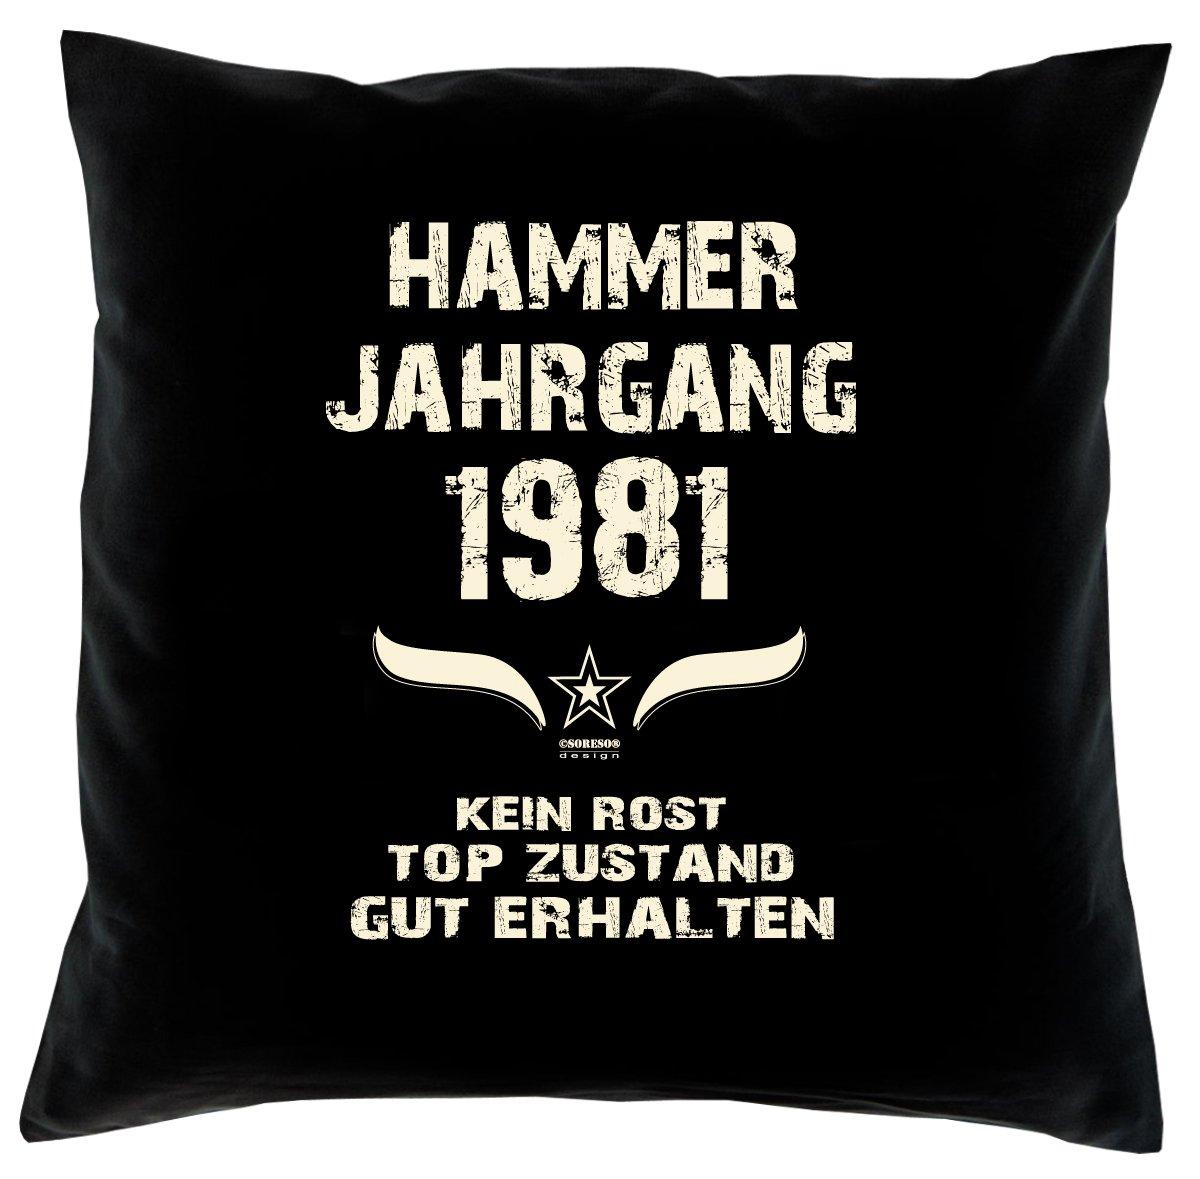 Cooles – Fun – Kissen – Sitzkissen – Zum 35. Geburtstag – Hammer Jahrgang 1981 Farbe: Schwarz – Größe: 40 x 40 cm bestellen